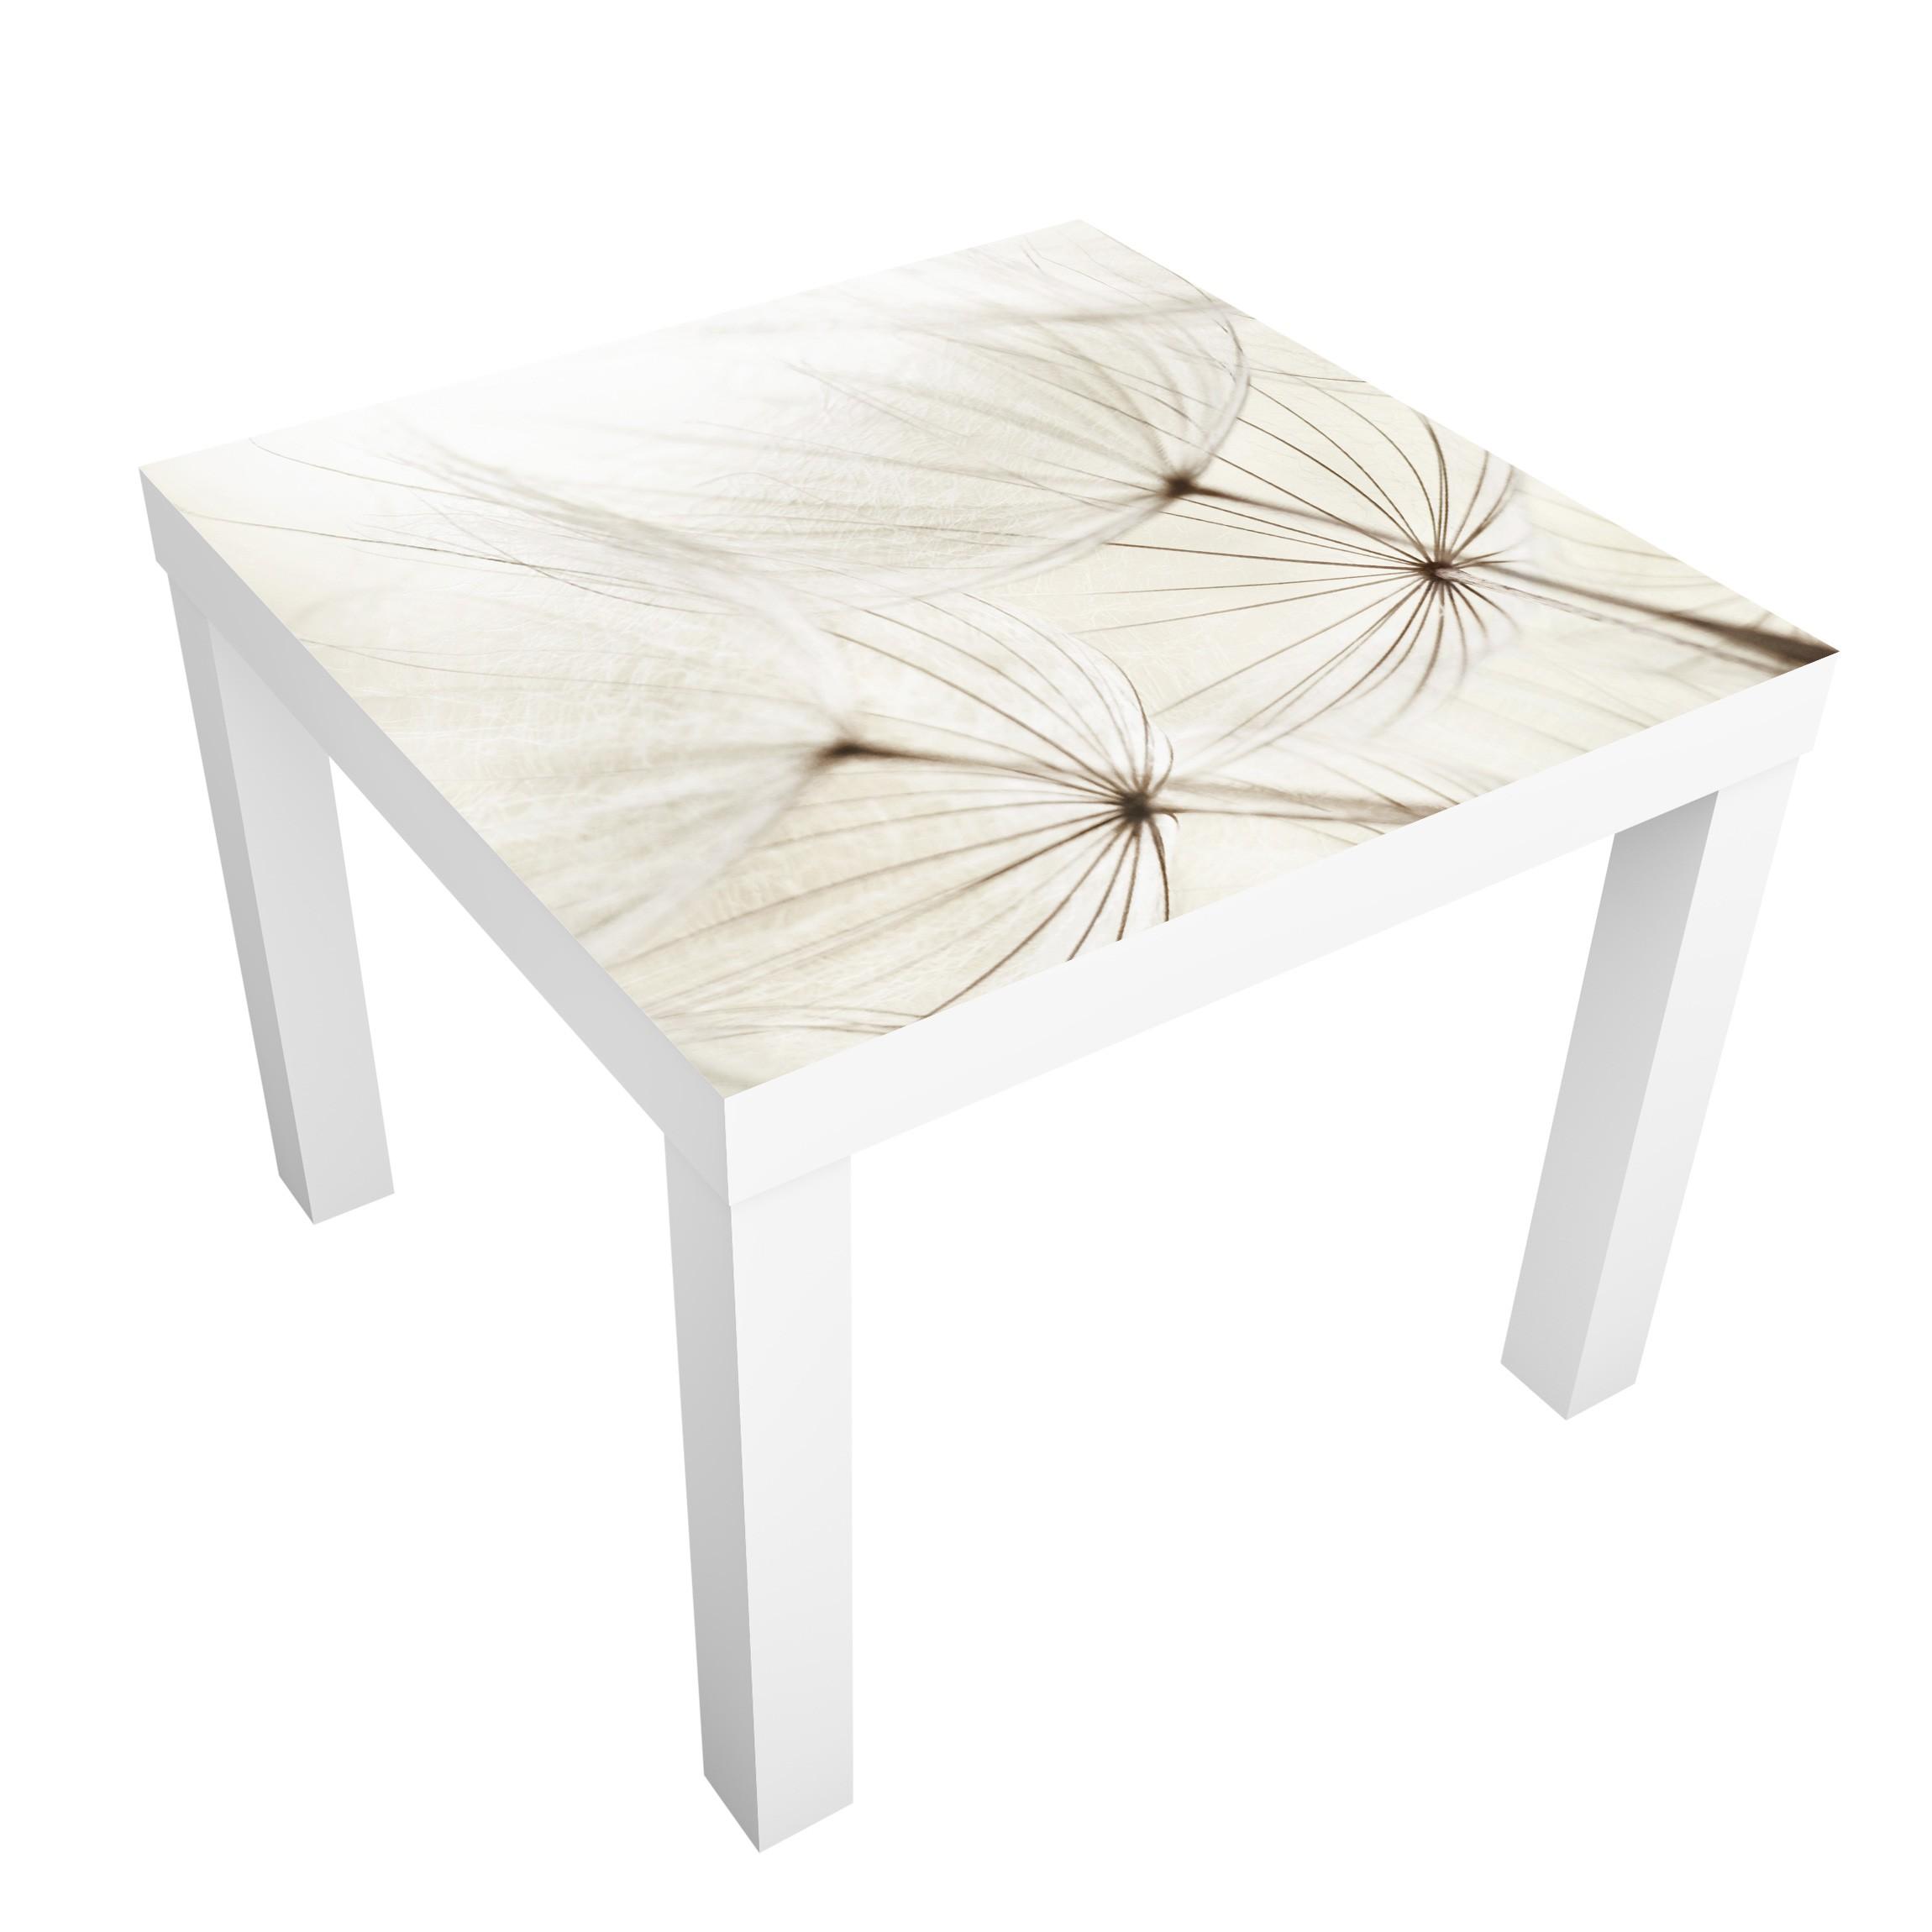 Carta adesiva per mobili ikea lack tavolino gentle grasses - Lack tavolino ikea ...